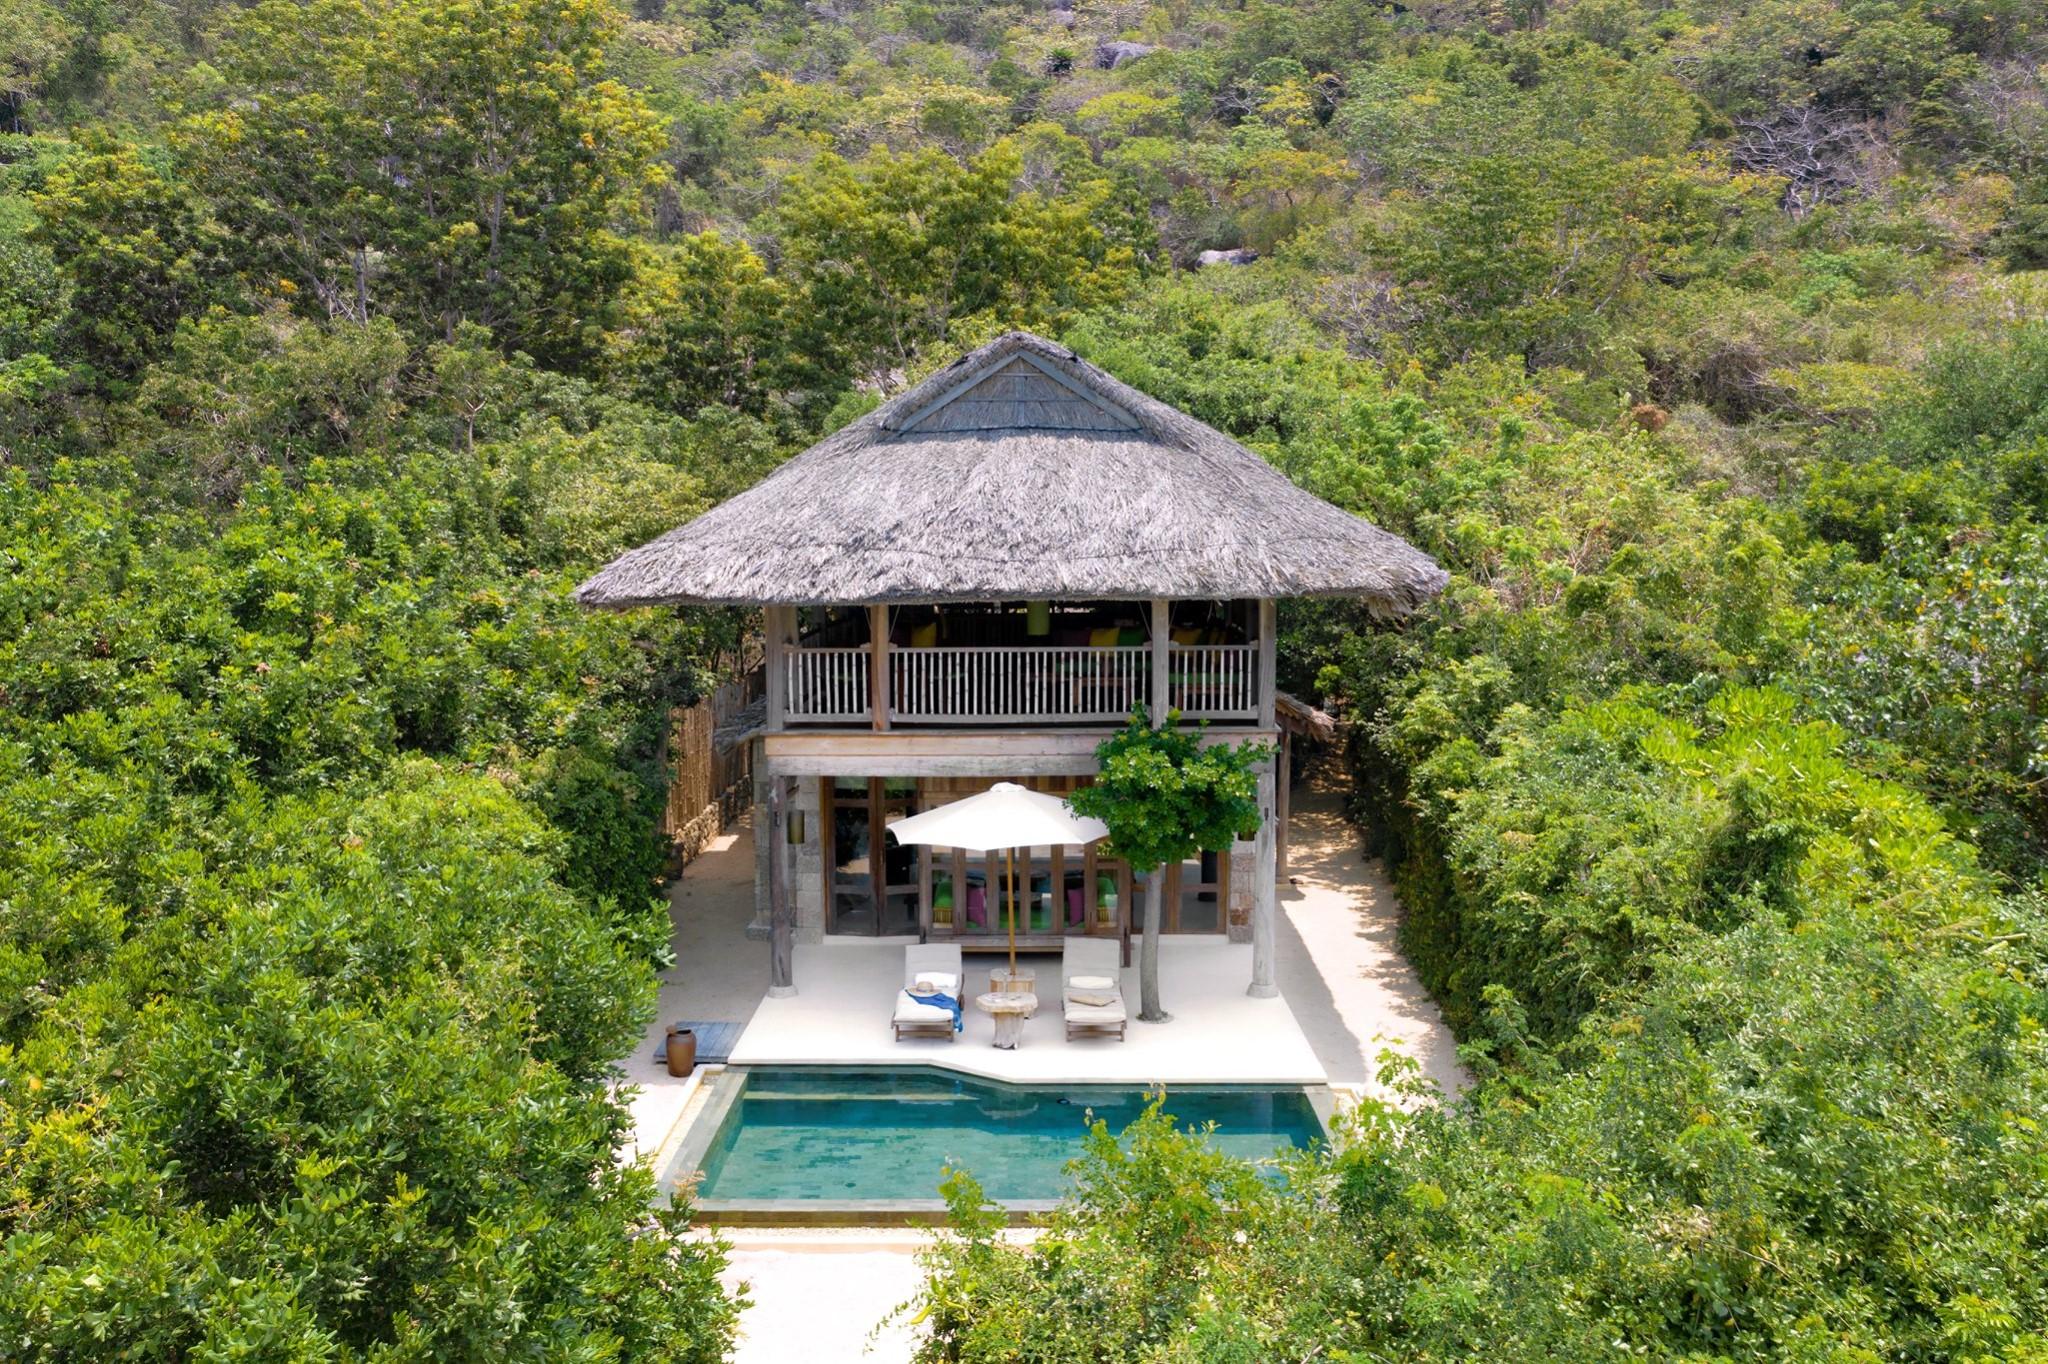 Resort nơi Hoa hậu Hà Kiều Anh đưa cả gia đình đi du lịch có gì mà đắt đỏ nhất nhì Nha Trang?  - Ảnh 9.